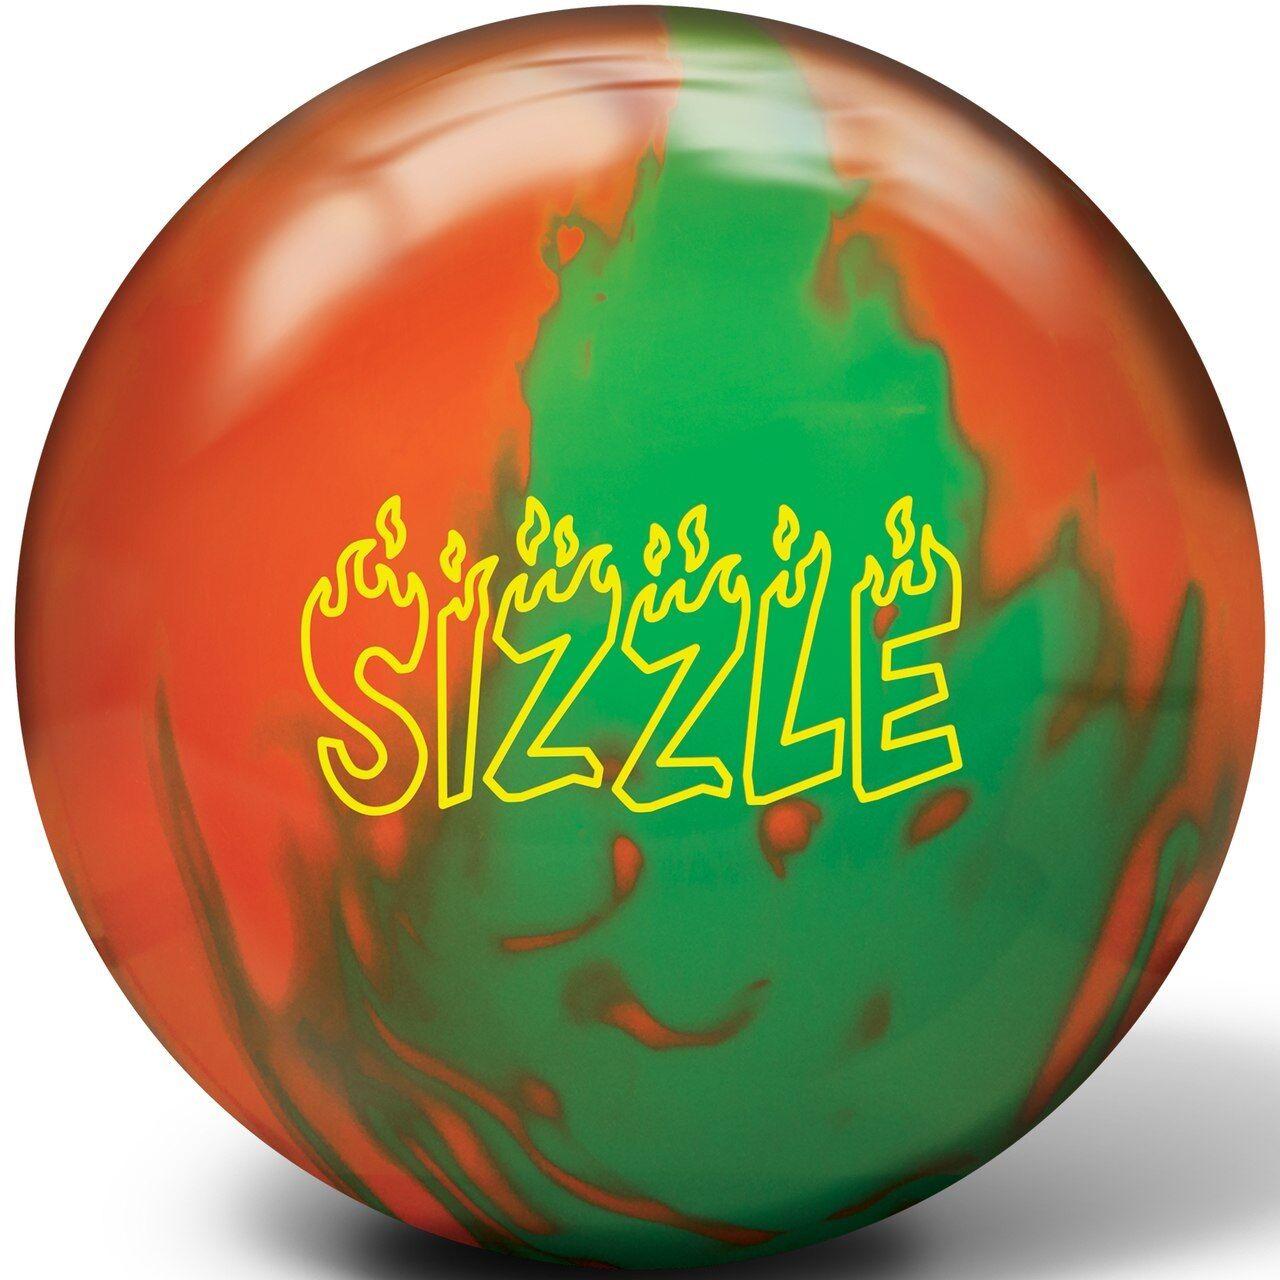 Radical Sizzle Bowling Ball NIB 1st Quality